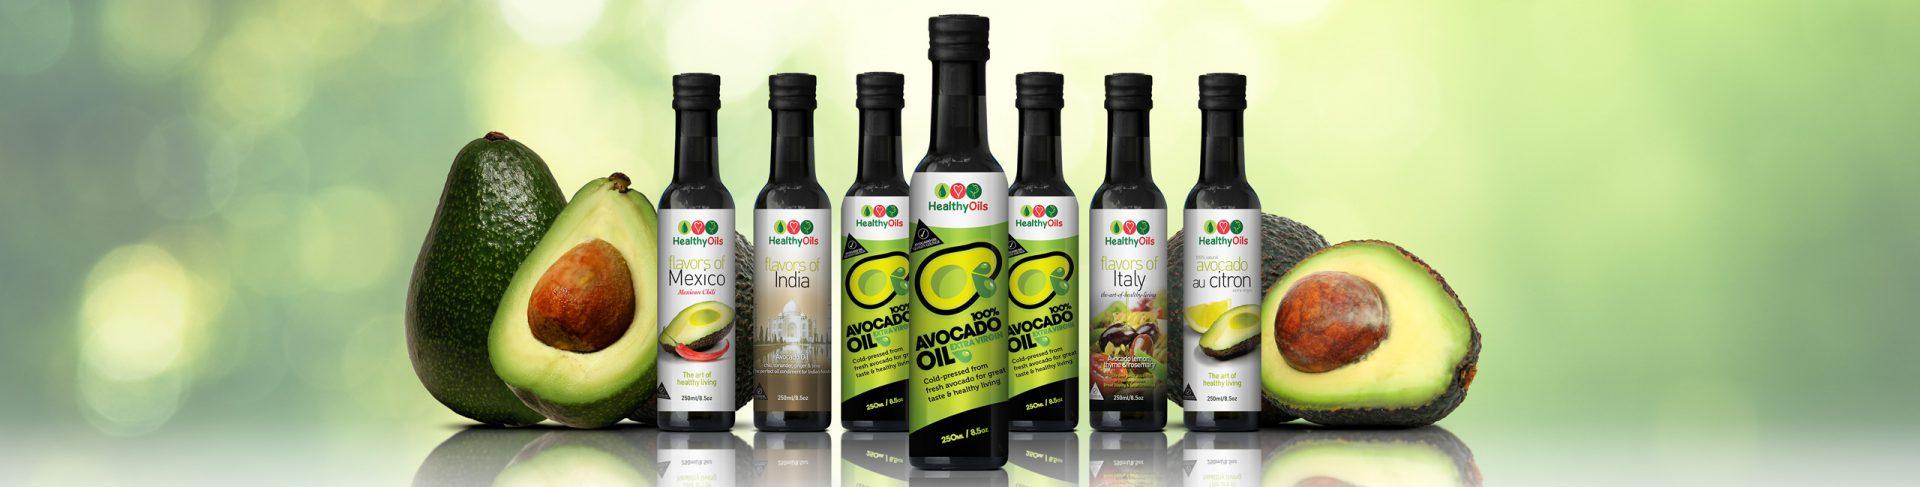 Avocado Extra Virgin Oils